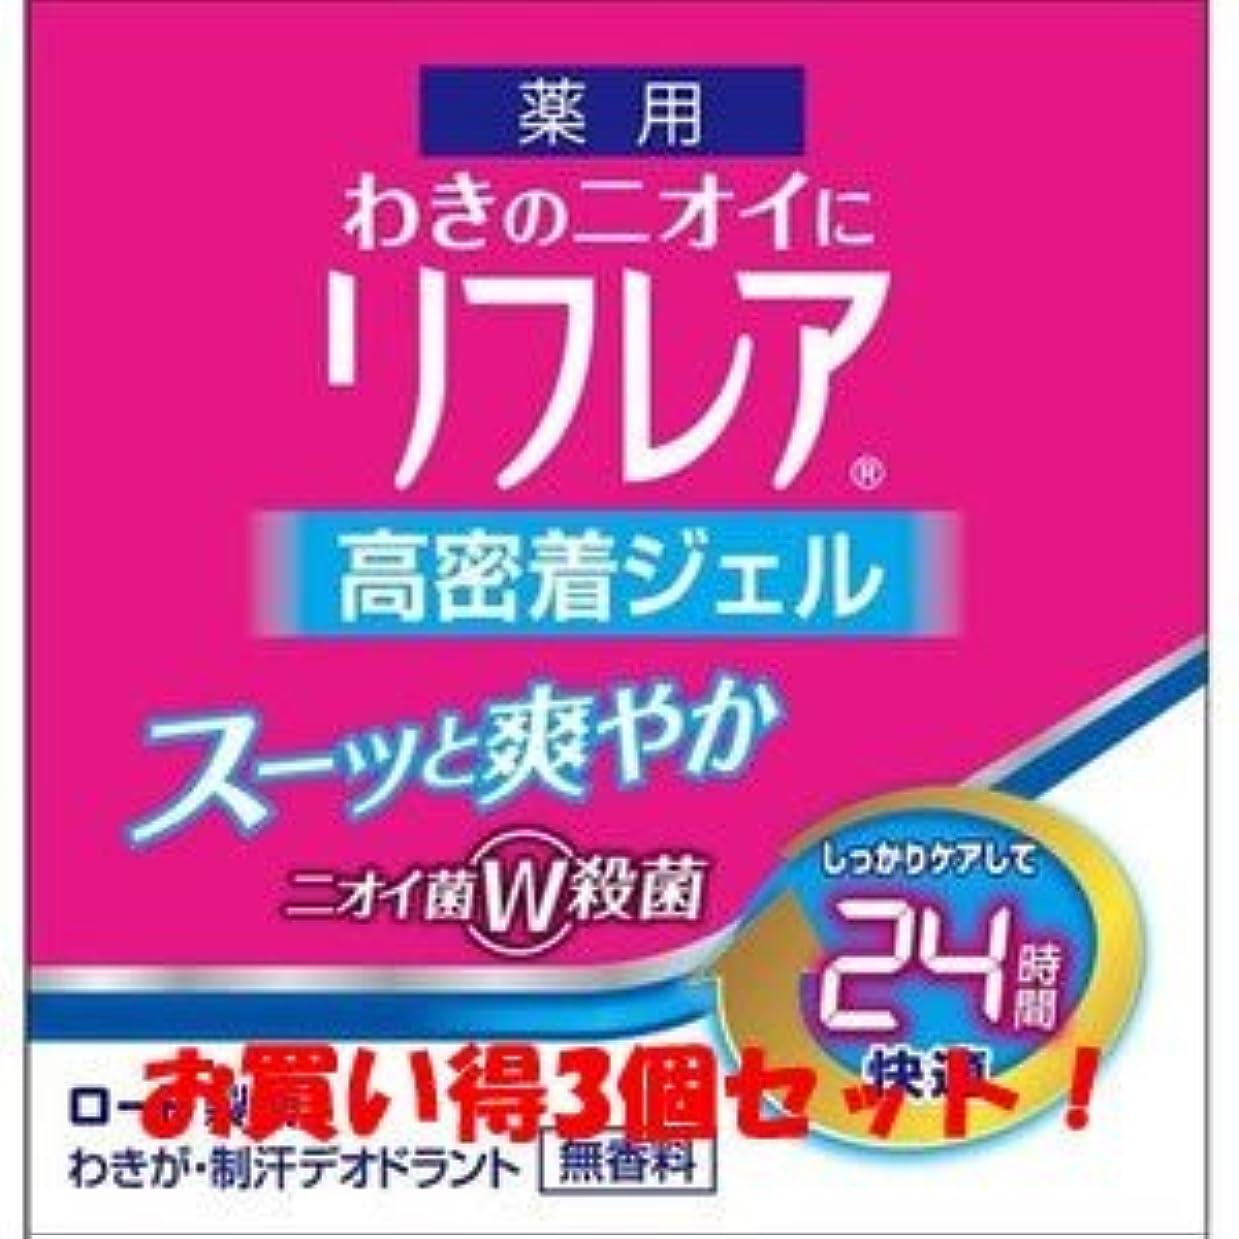 ジャンプする第ビーズ(ロート製薬)メンソレータム リフレア デオドラントジェル 48g(医薬部外品)(お買い得3個セット)